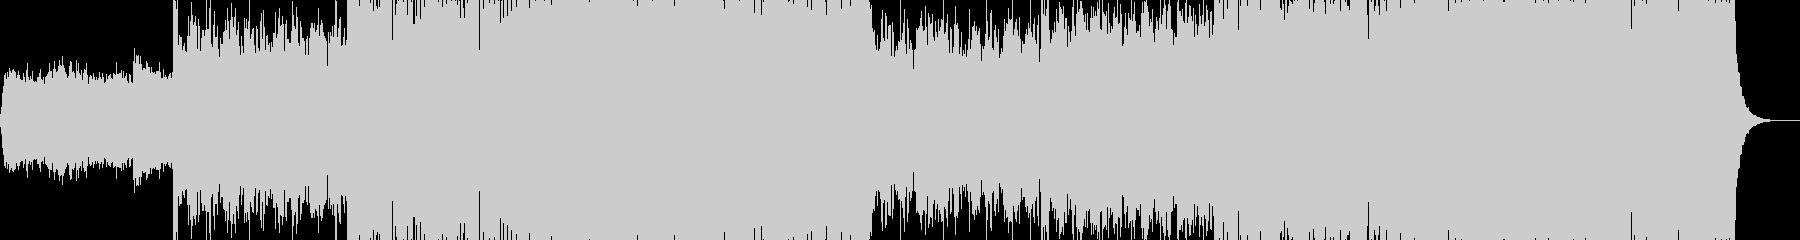 現代的で都会的なシンセミュージック-21の未再生の波形